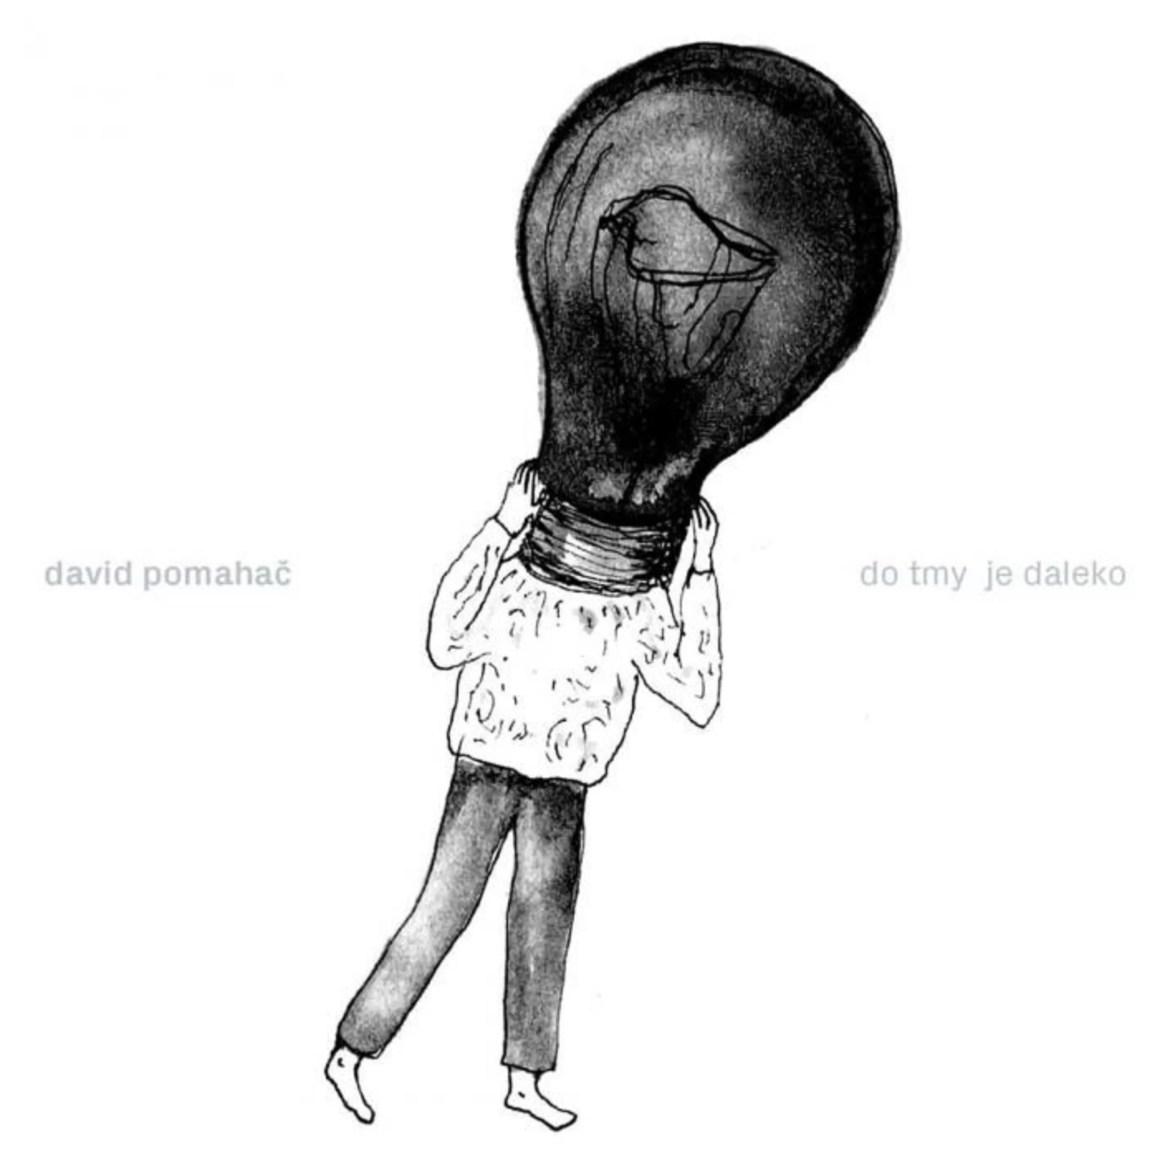 David Pomahac – Do tmy je daleko (Indies Scope)